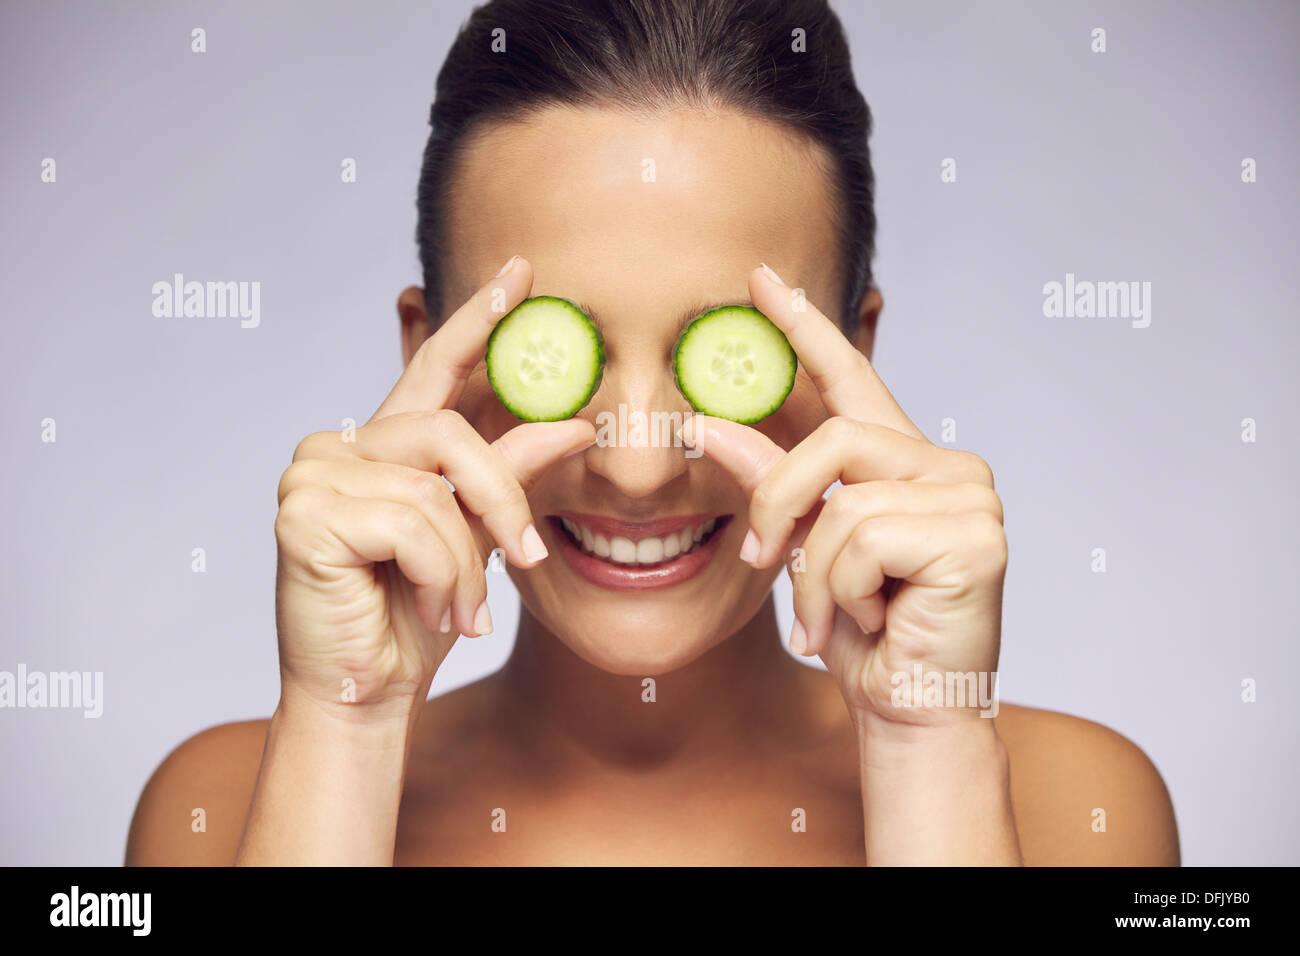 Schöne und lächelnde junge Frau Scheibe Gurke vor Augen hält, auf grauem Hintergrund. Auge-Pflegekonzept Stockbild